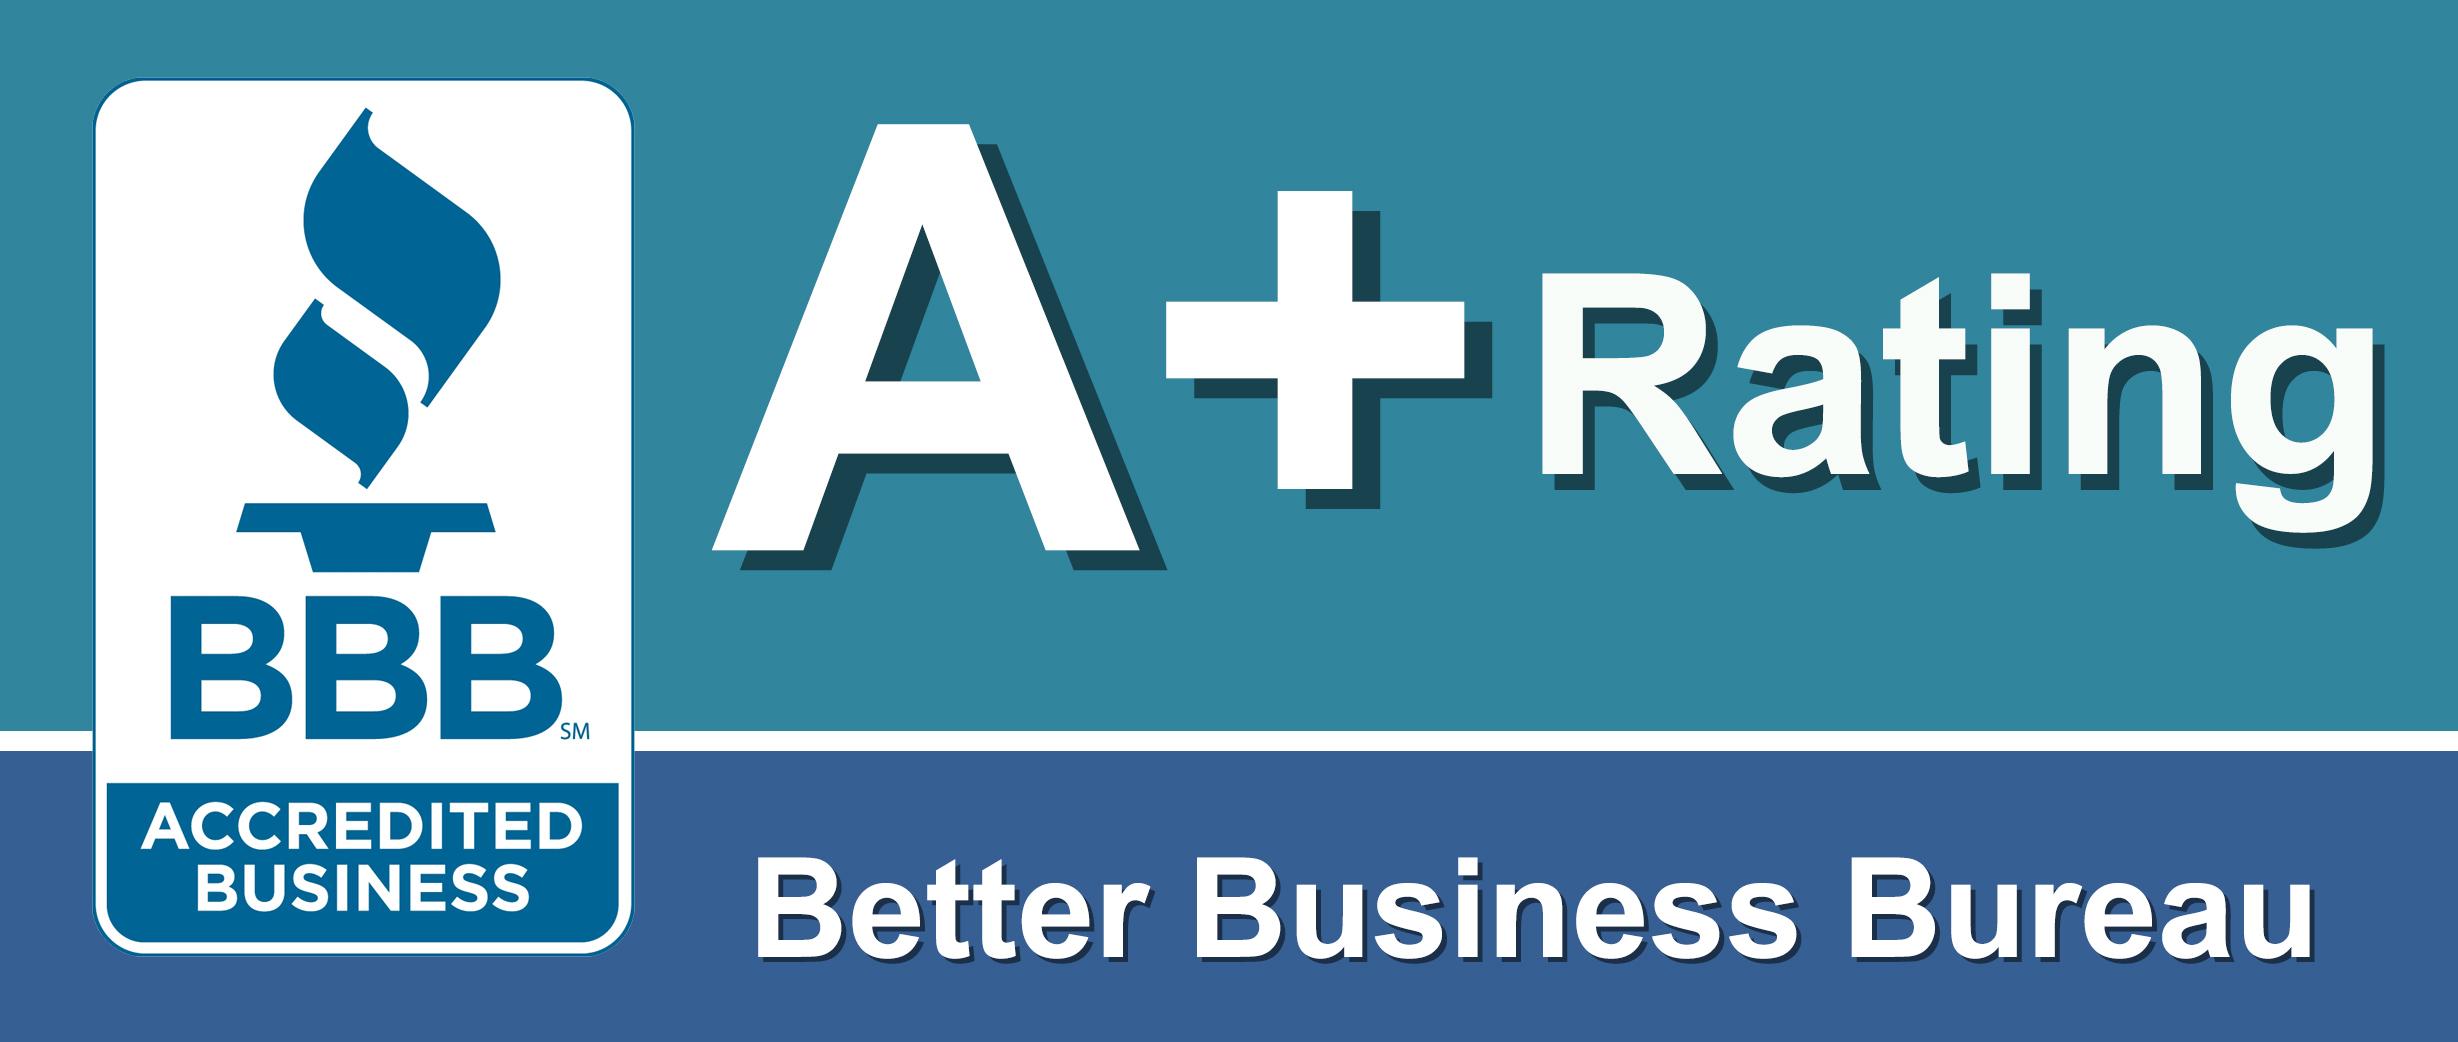 Better Business Buerau